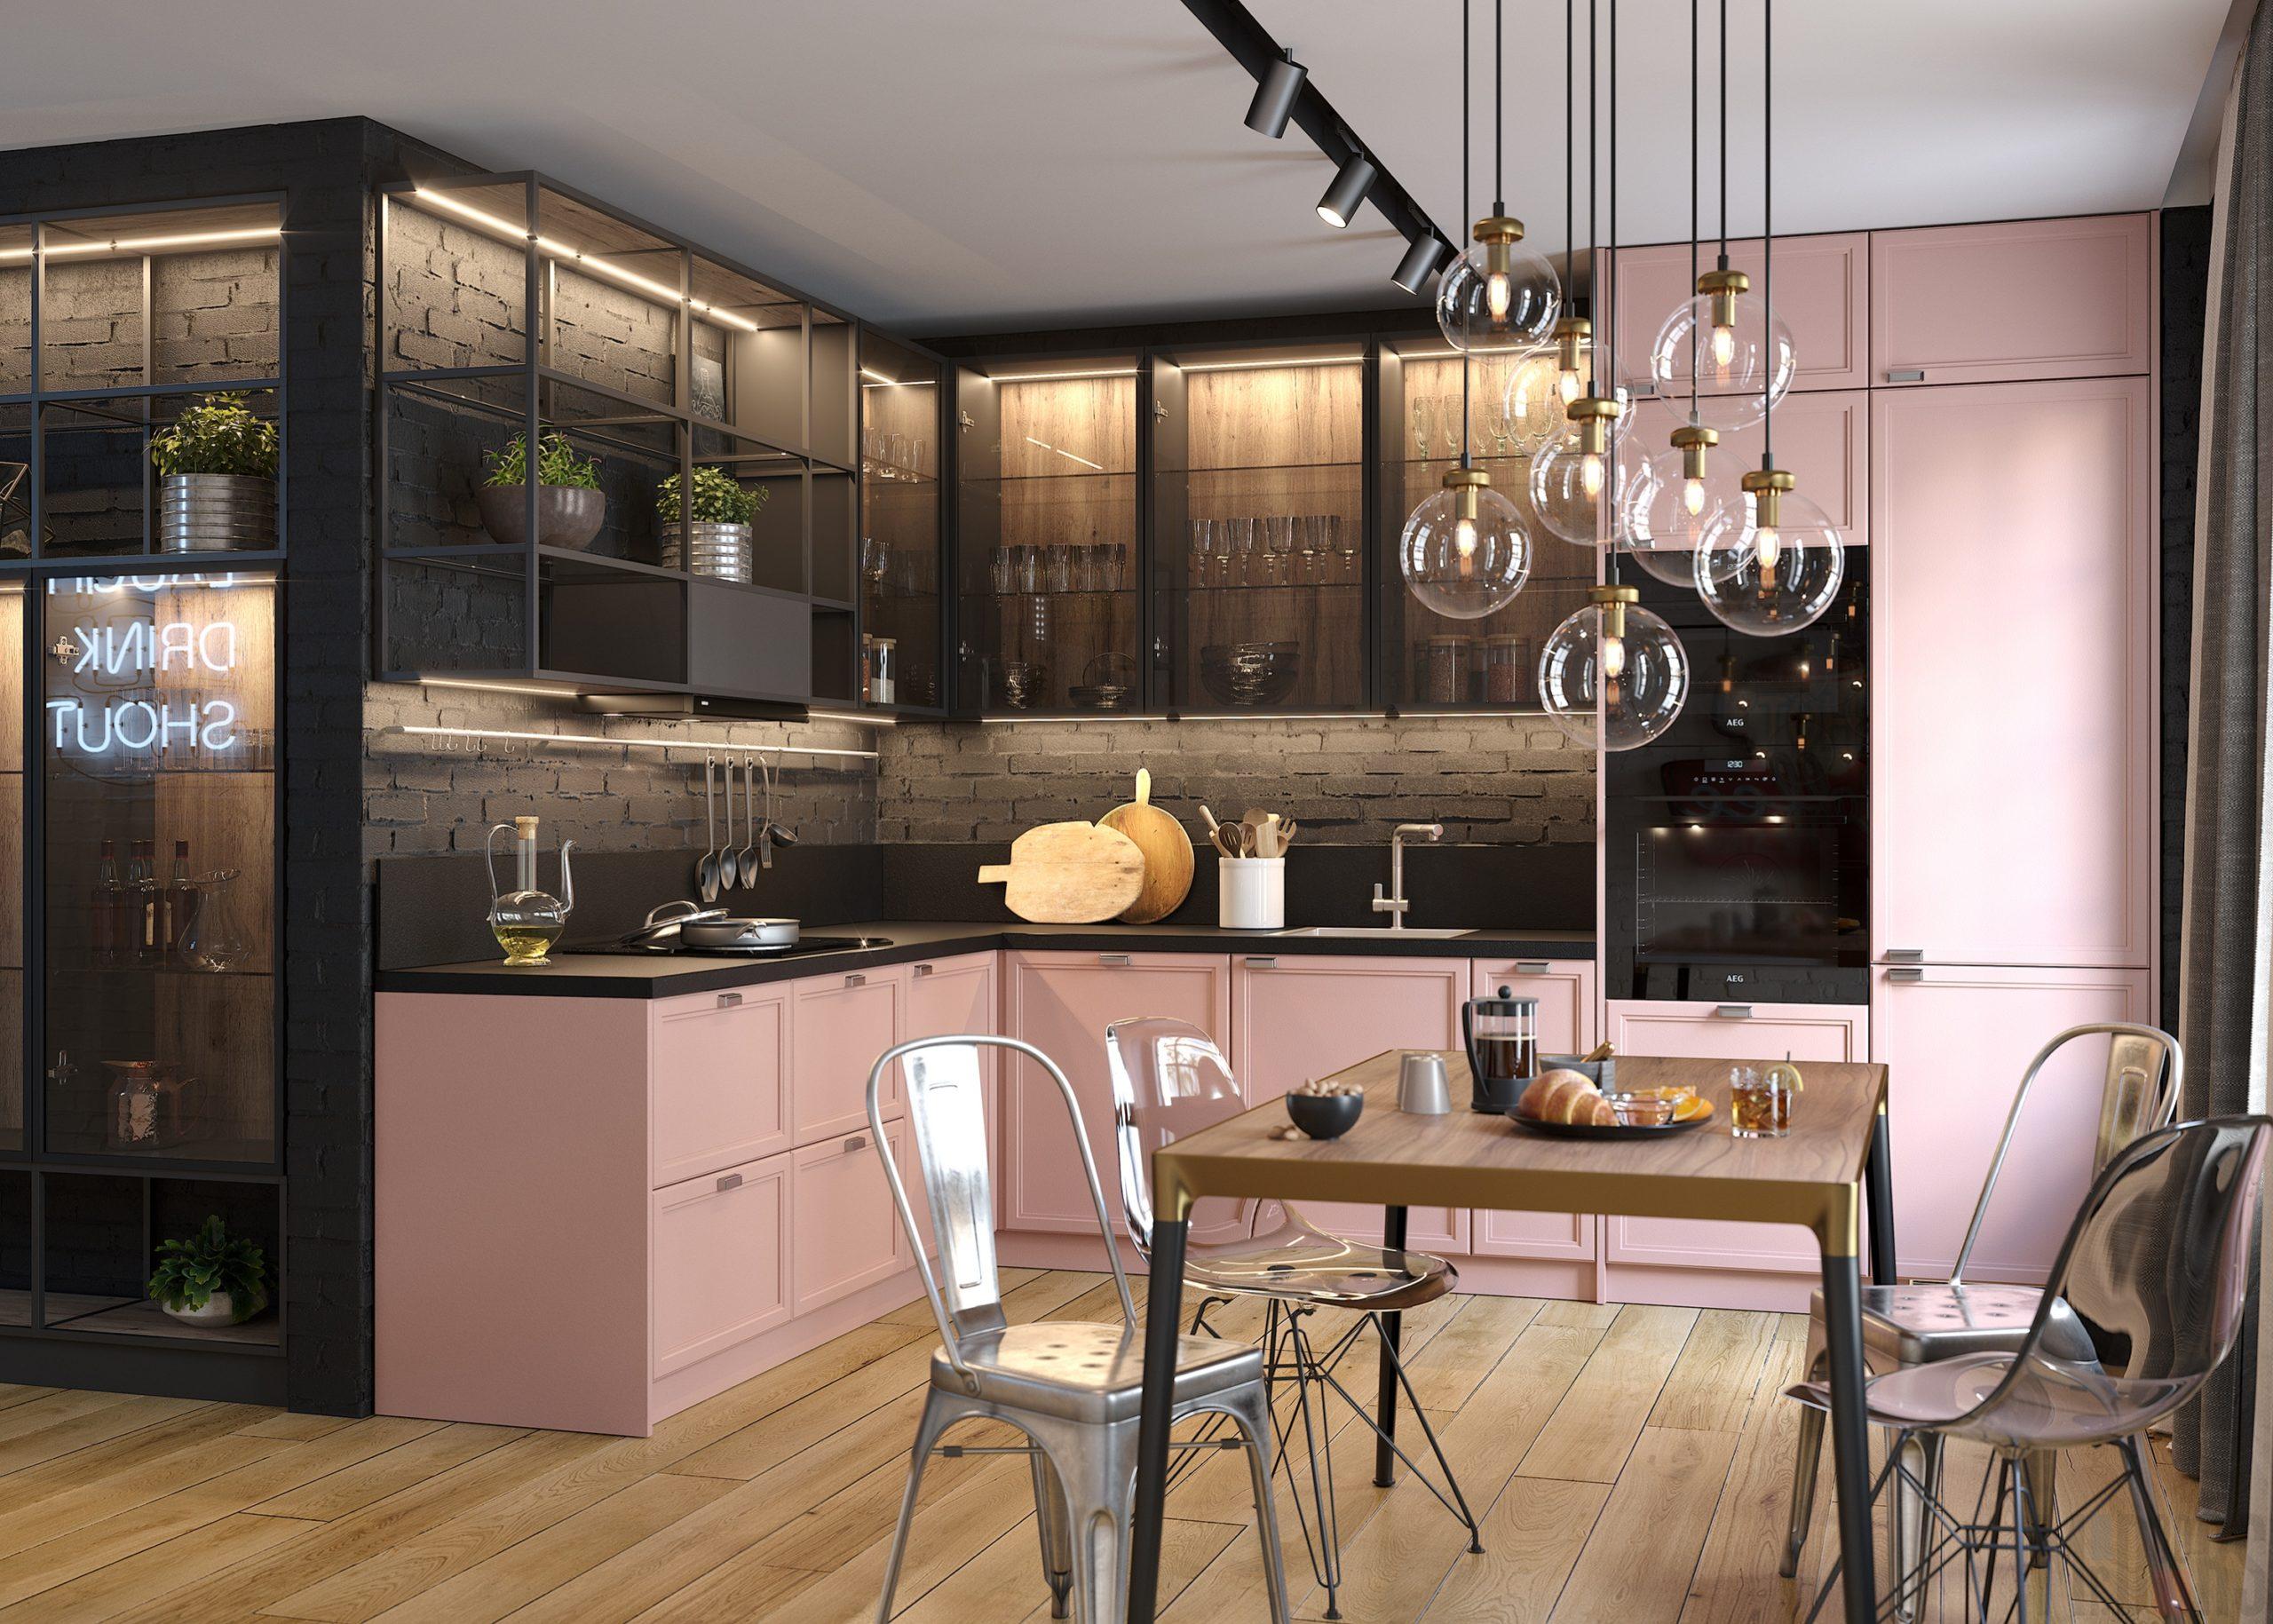 Кухня Interium Модерн.117 - интерьер